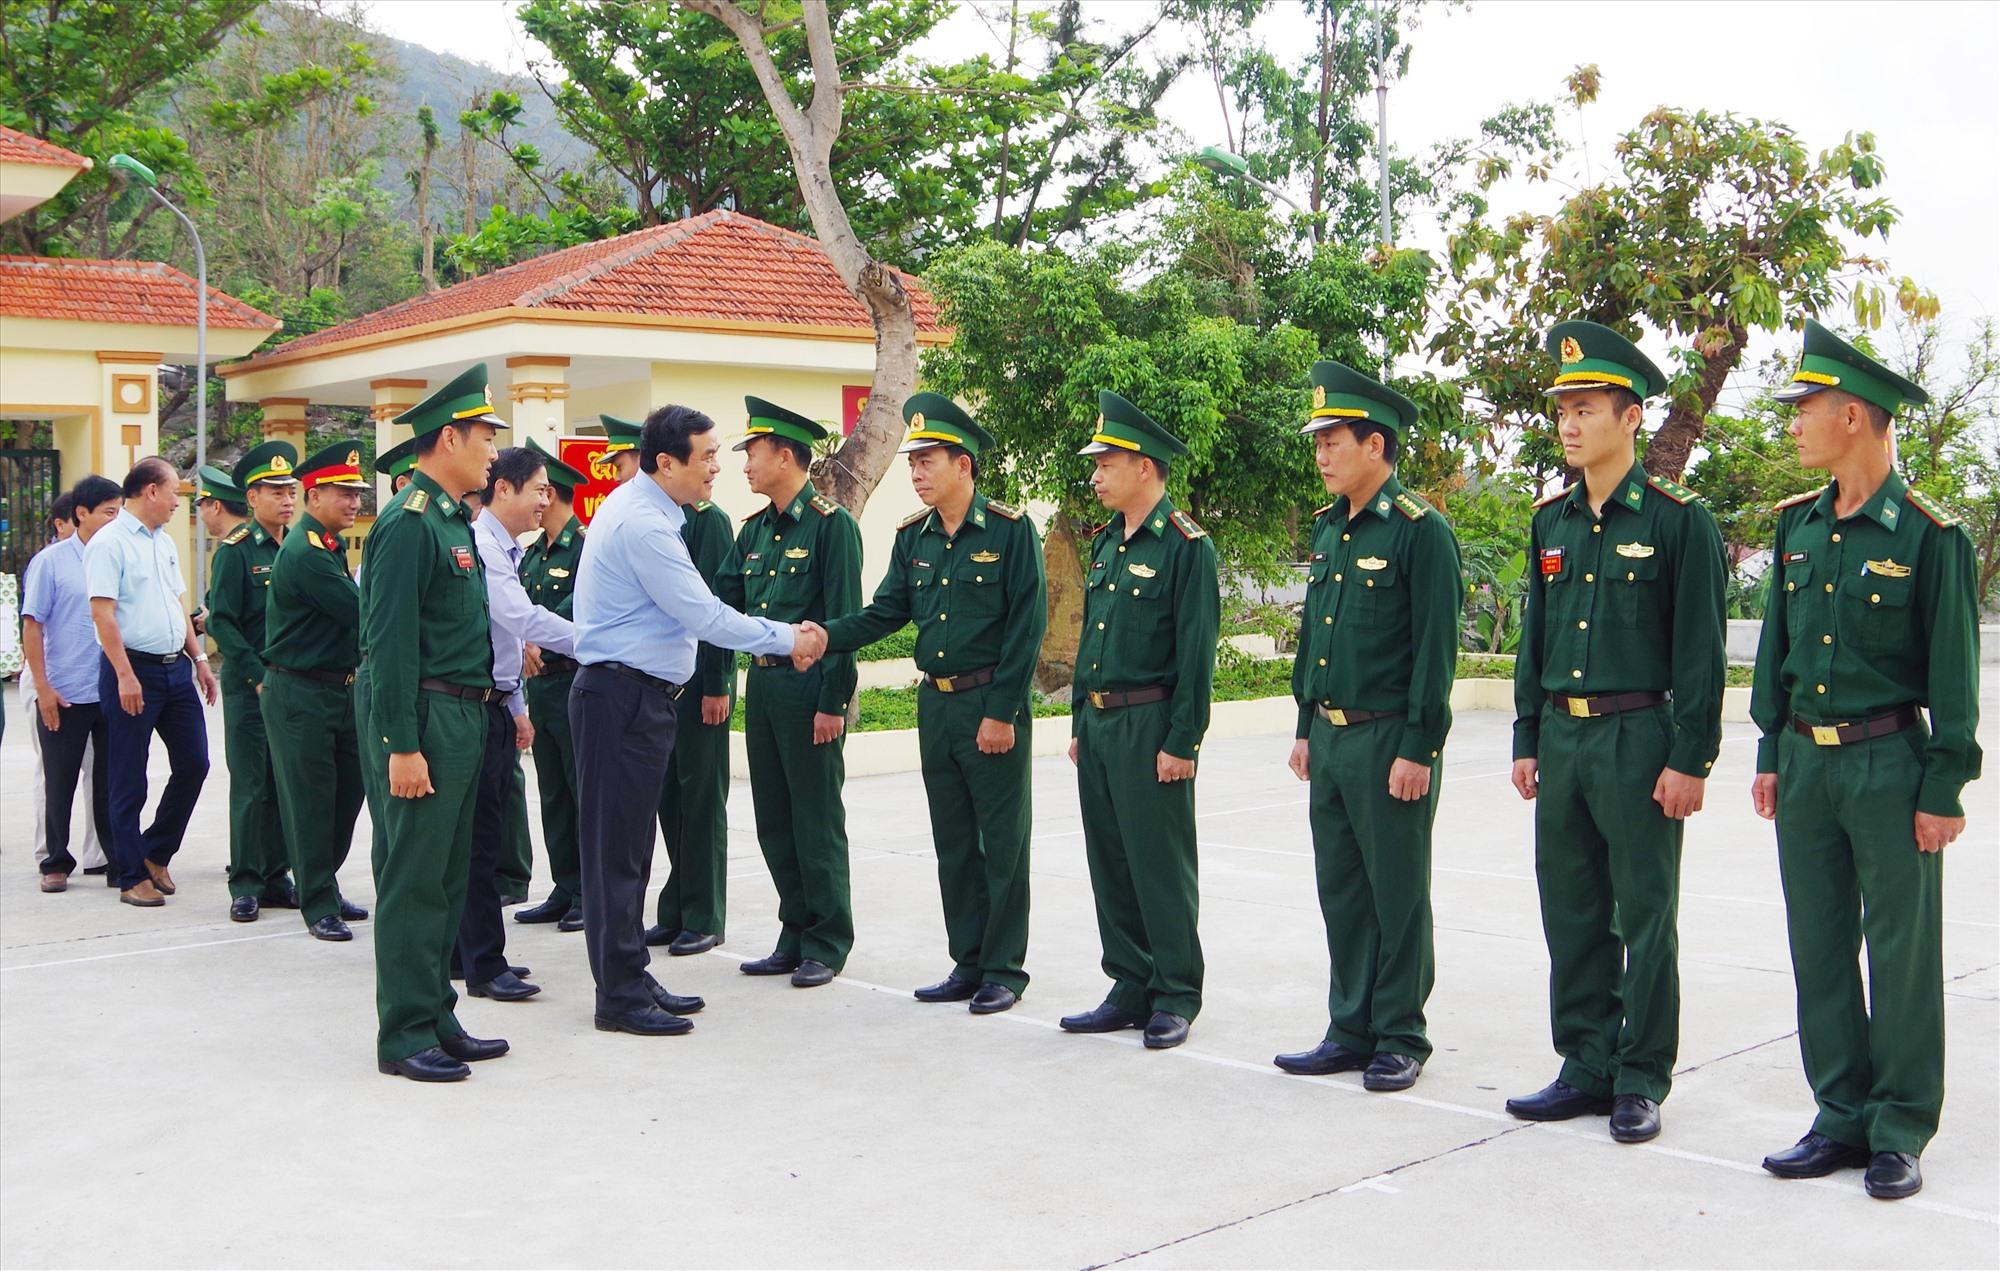 Ủy viên Trung ương Đảng, Bí thư Tỉnh ủy Phan Việt Cường thăm, động viên cán bộ chiến sĩ Đồn Biên phòng Cù Lao Chàm. Ảnh: HỒNG ANH